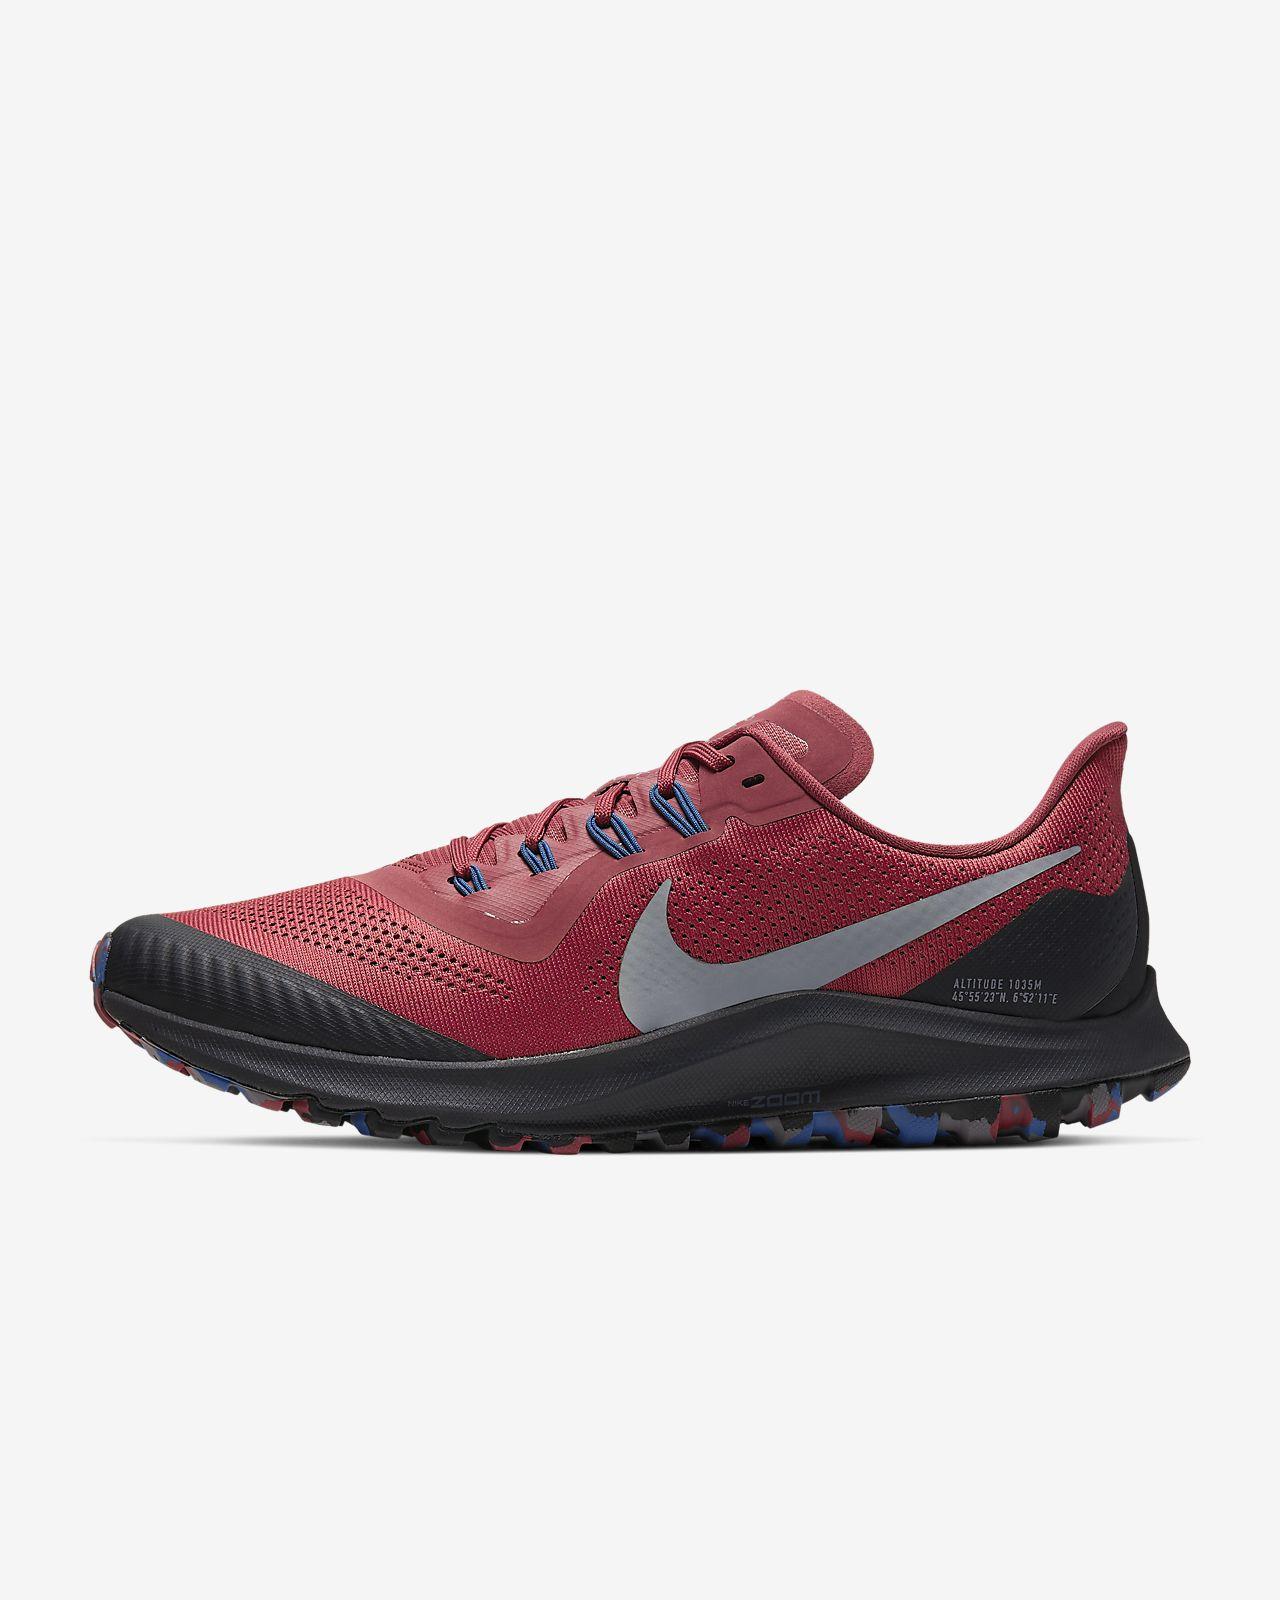 Löparsko Nike Pegasus Trail för män